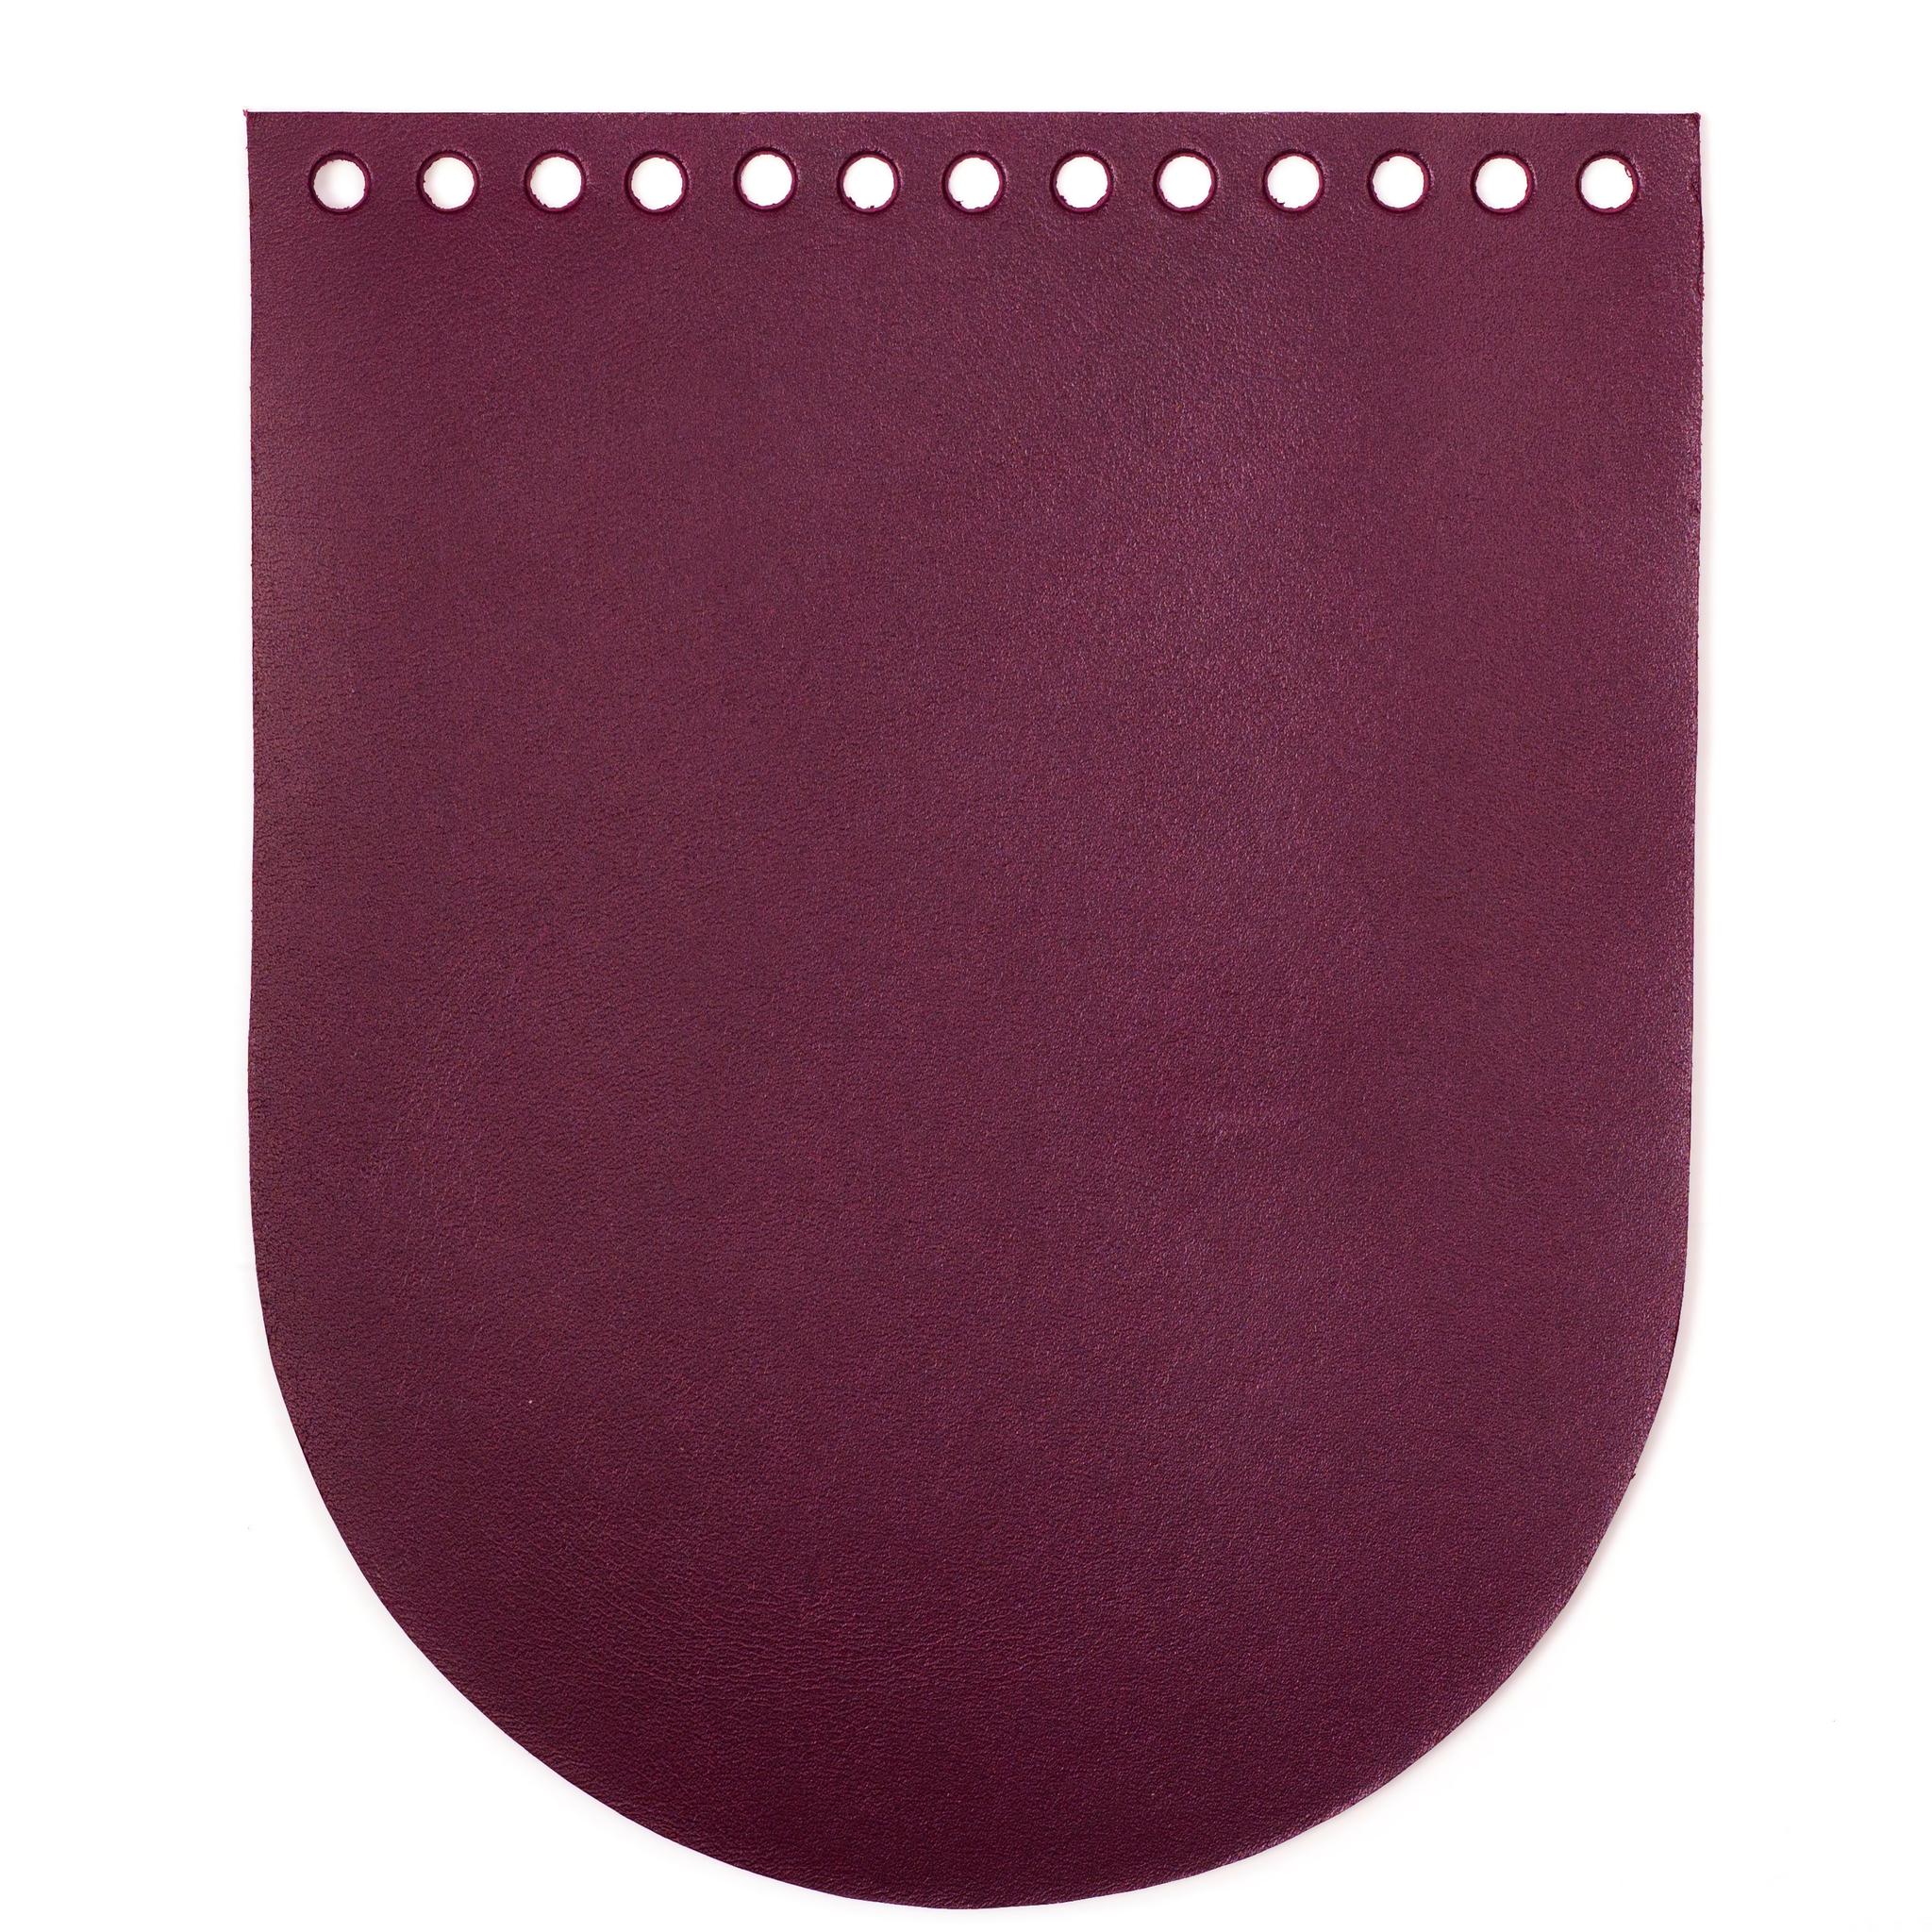 """Вся фурнитура Клапан для сумочки кожаный """"Марсала"""" 19,5 см на 15,5 см IMG_2389.jpg"""